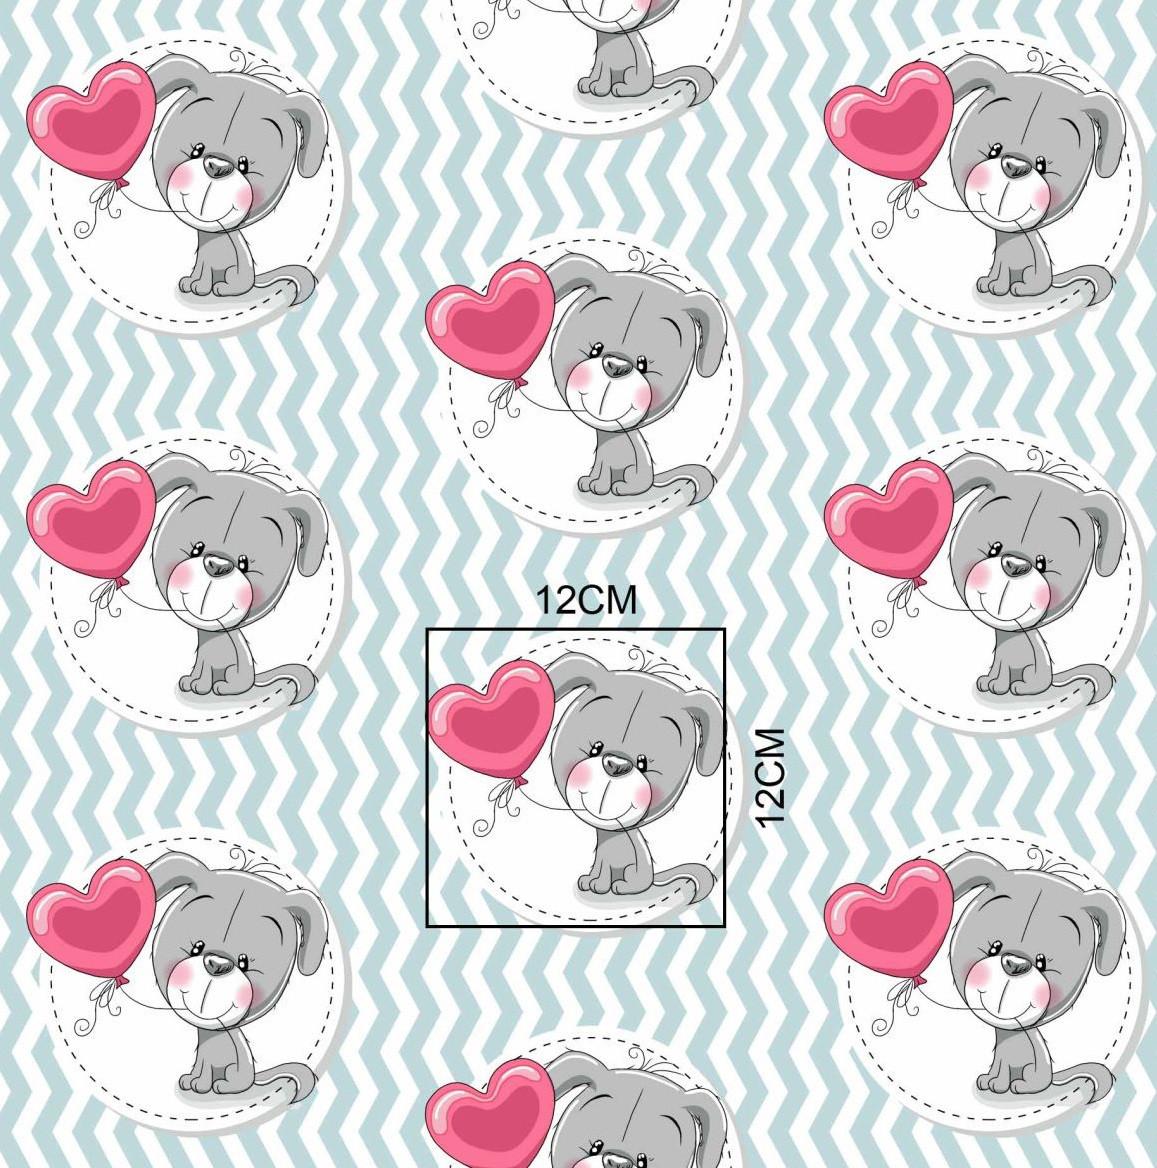 Хлопковая ткань польская щенок с шариком-сердечком на мятном зигзаге отрез (размер 0,95*1,6 м)